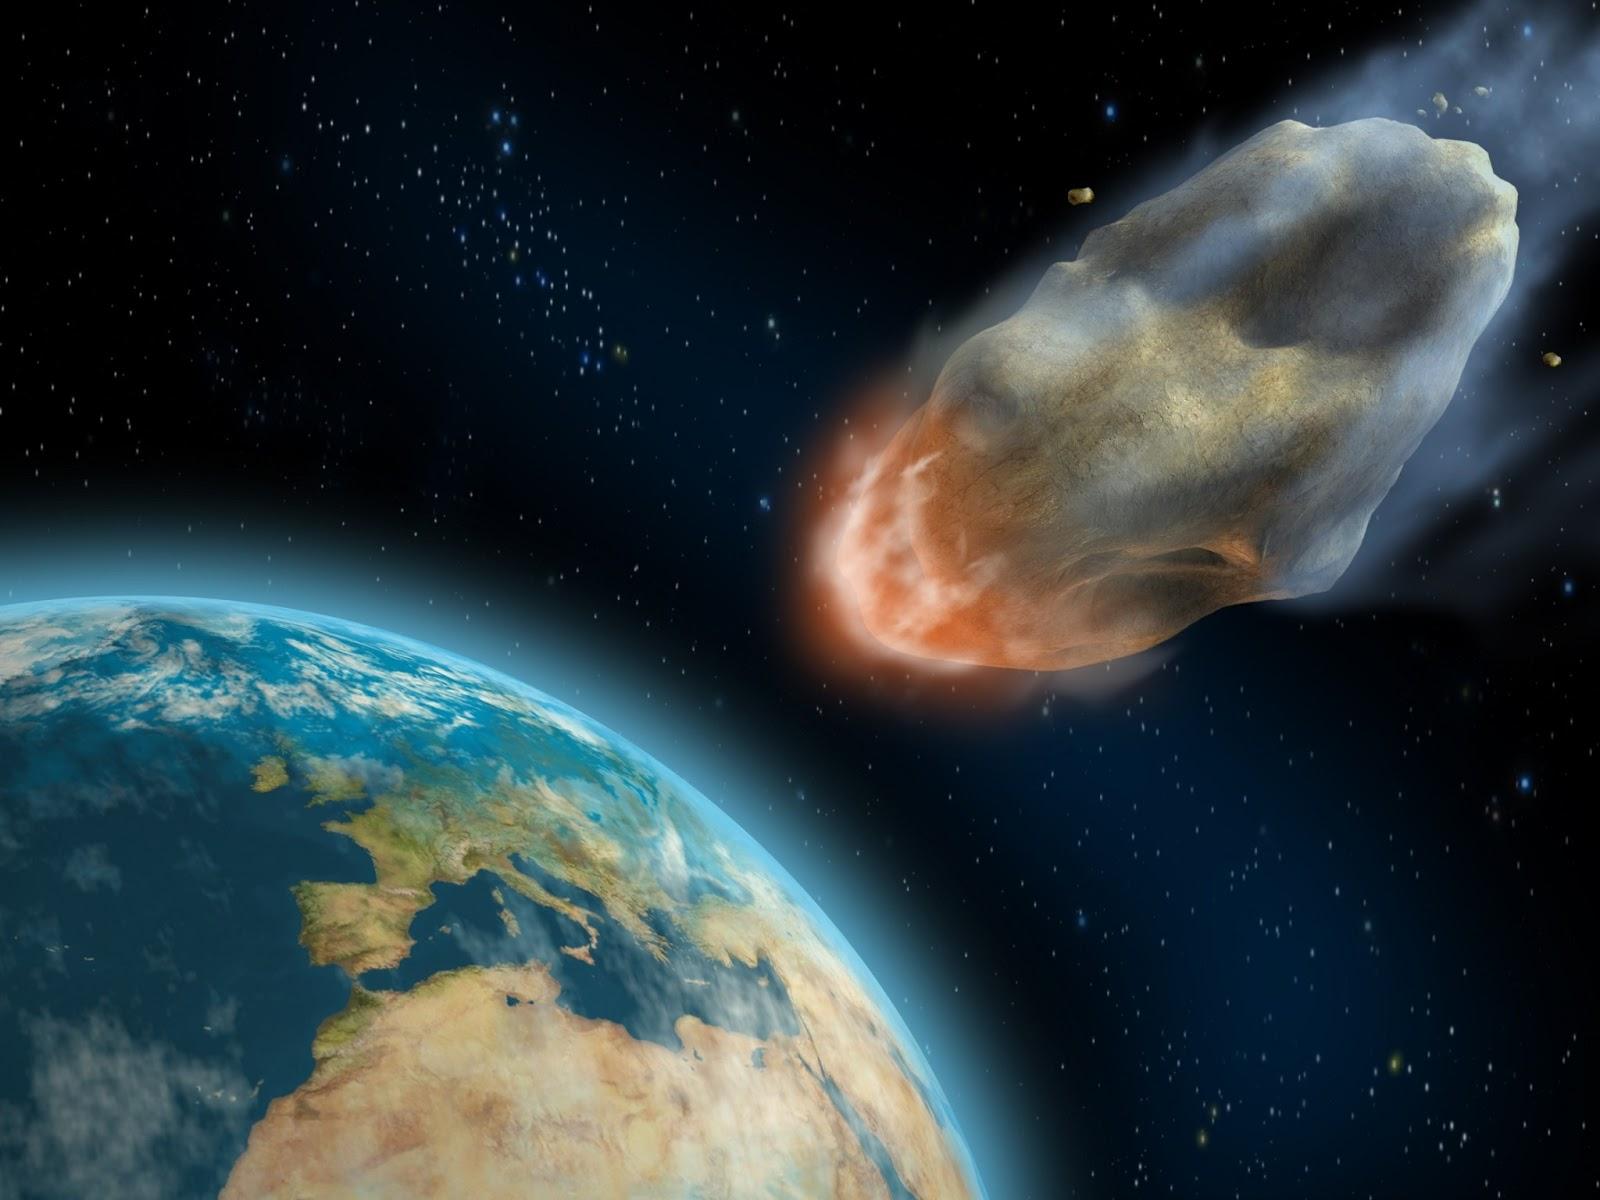 De Chicxulubkrater is het 180 kilometer brede restant van een meteorietinslag die ongeveer 65 miljoen jaar geleden heeft plaatsgevonden